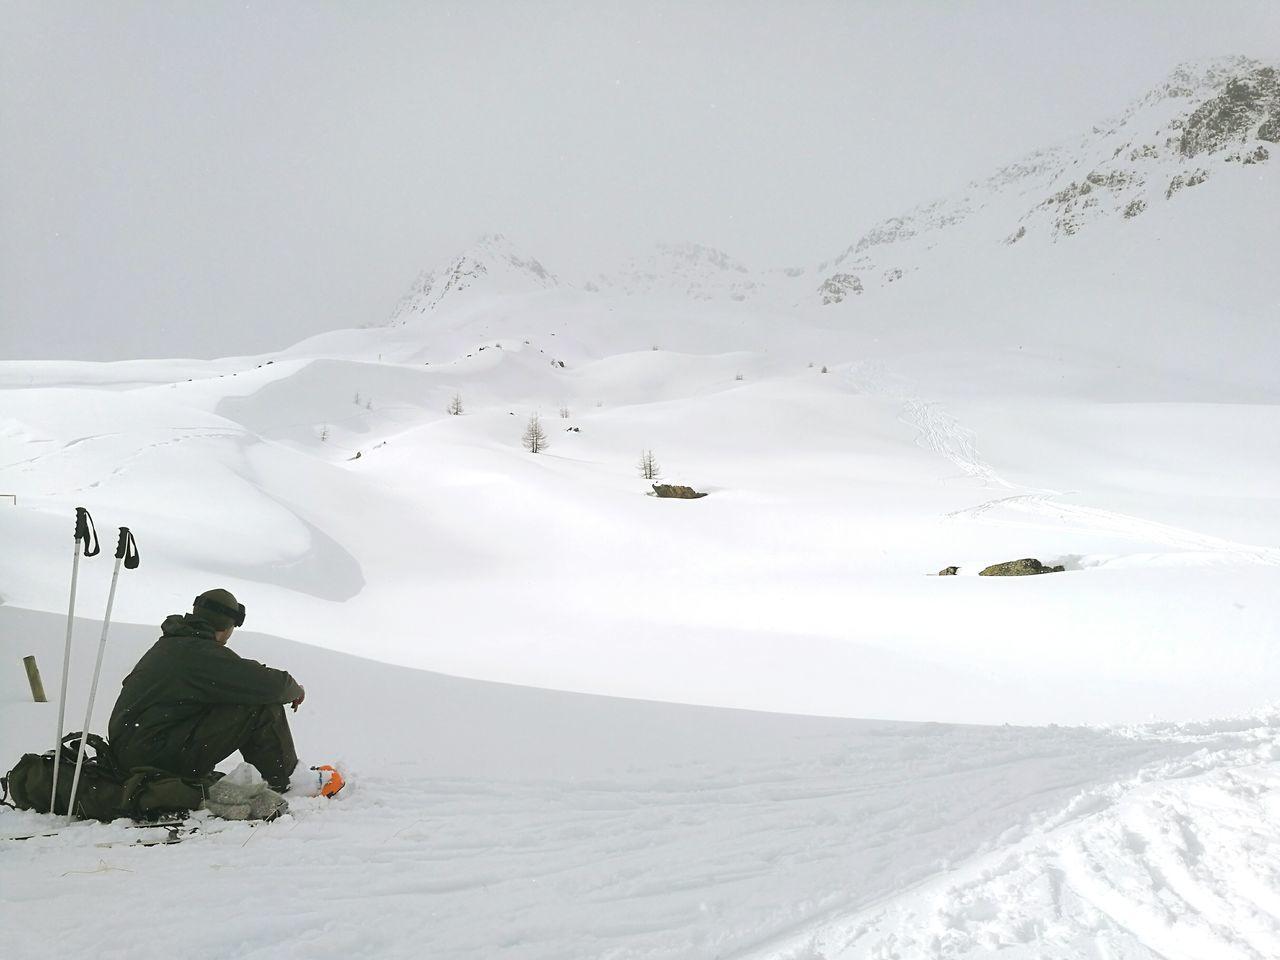 Snow Mountain Cold Temperature Outdoors Nature One Person Beauty In Nature Winter Wonderland Winter Österreich Landscape Mountain View Galtür Skitouring Friedrichshafener Hütte Army Life Bundesheer